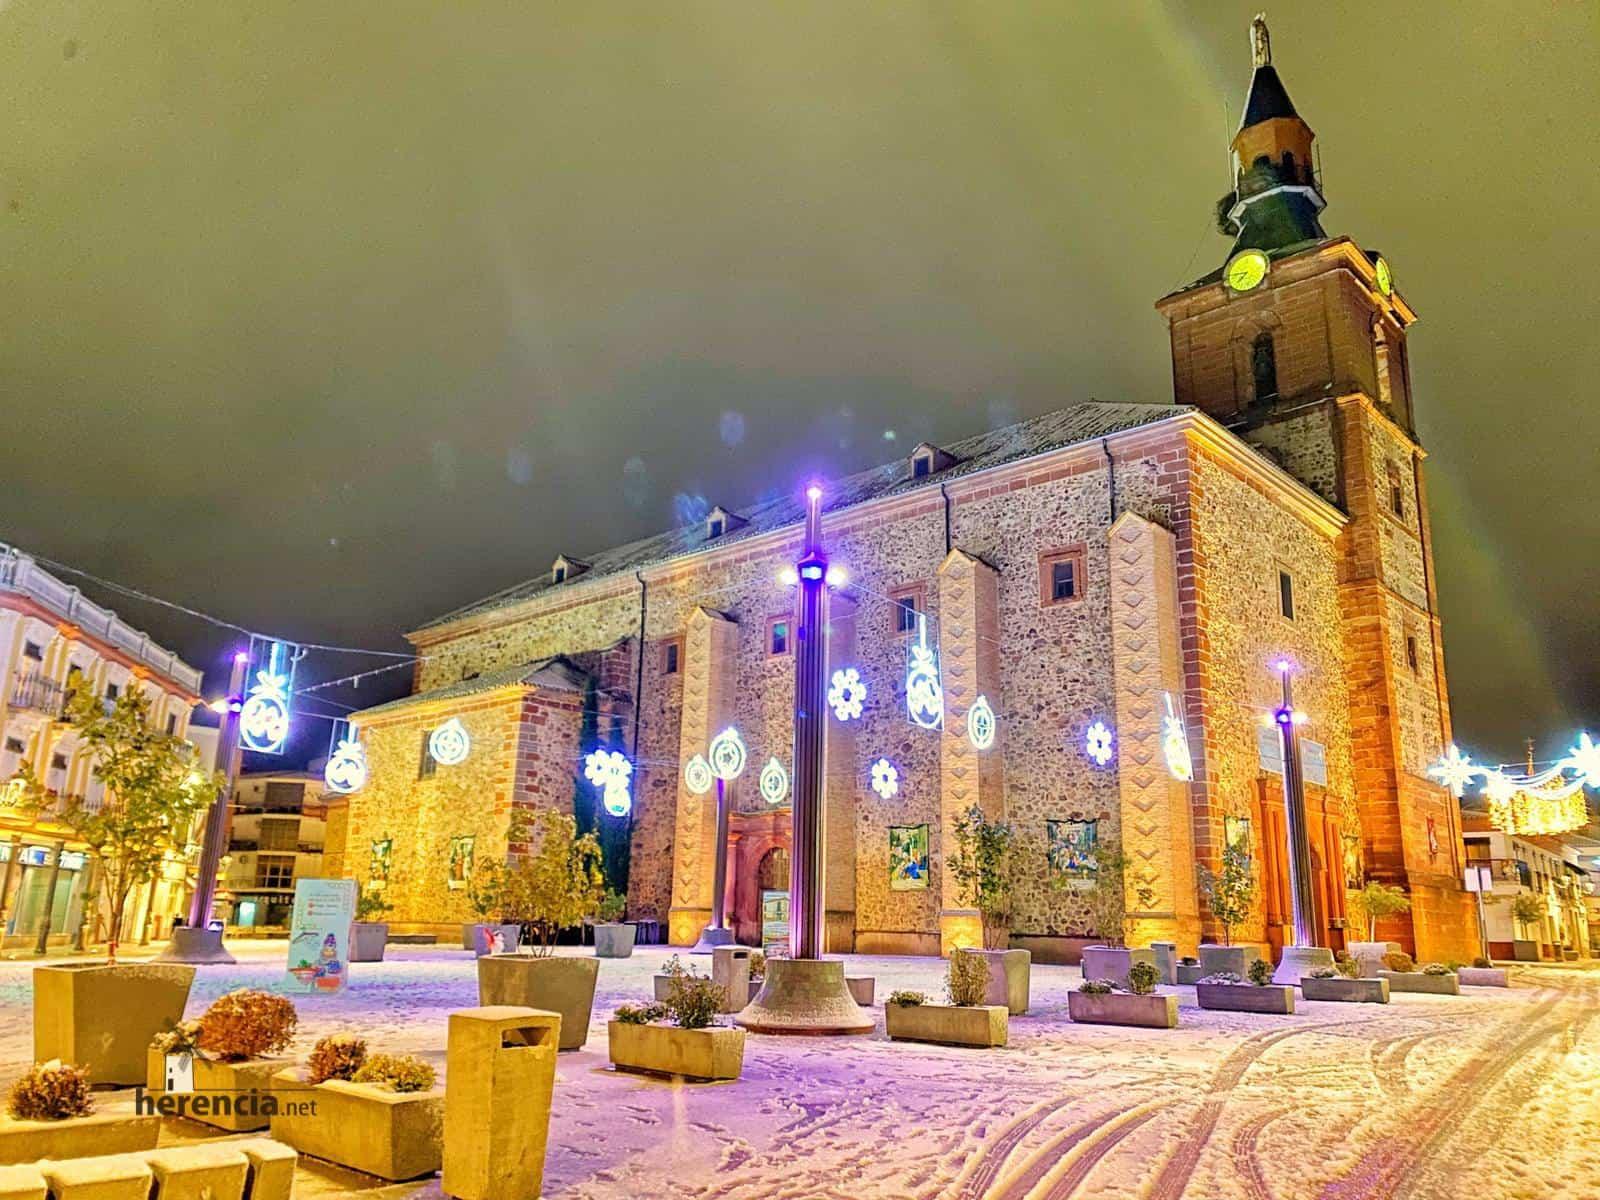 Fotografías de la nevada en Herencia (Ciudad Real) 48